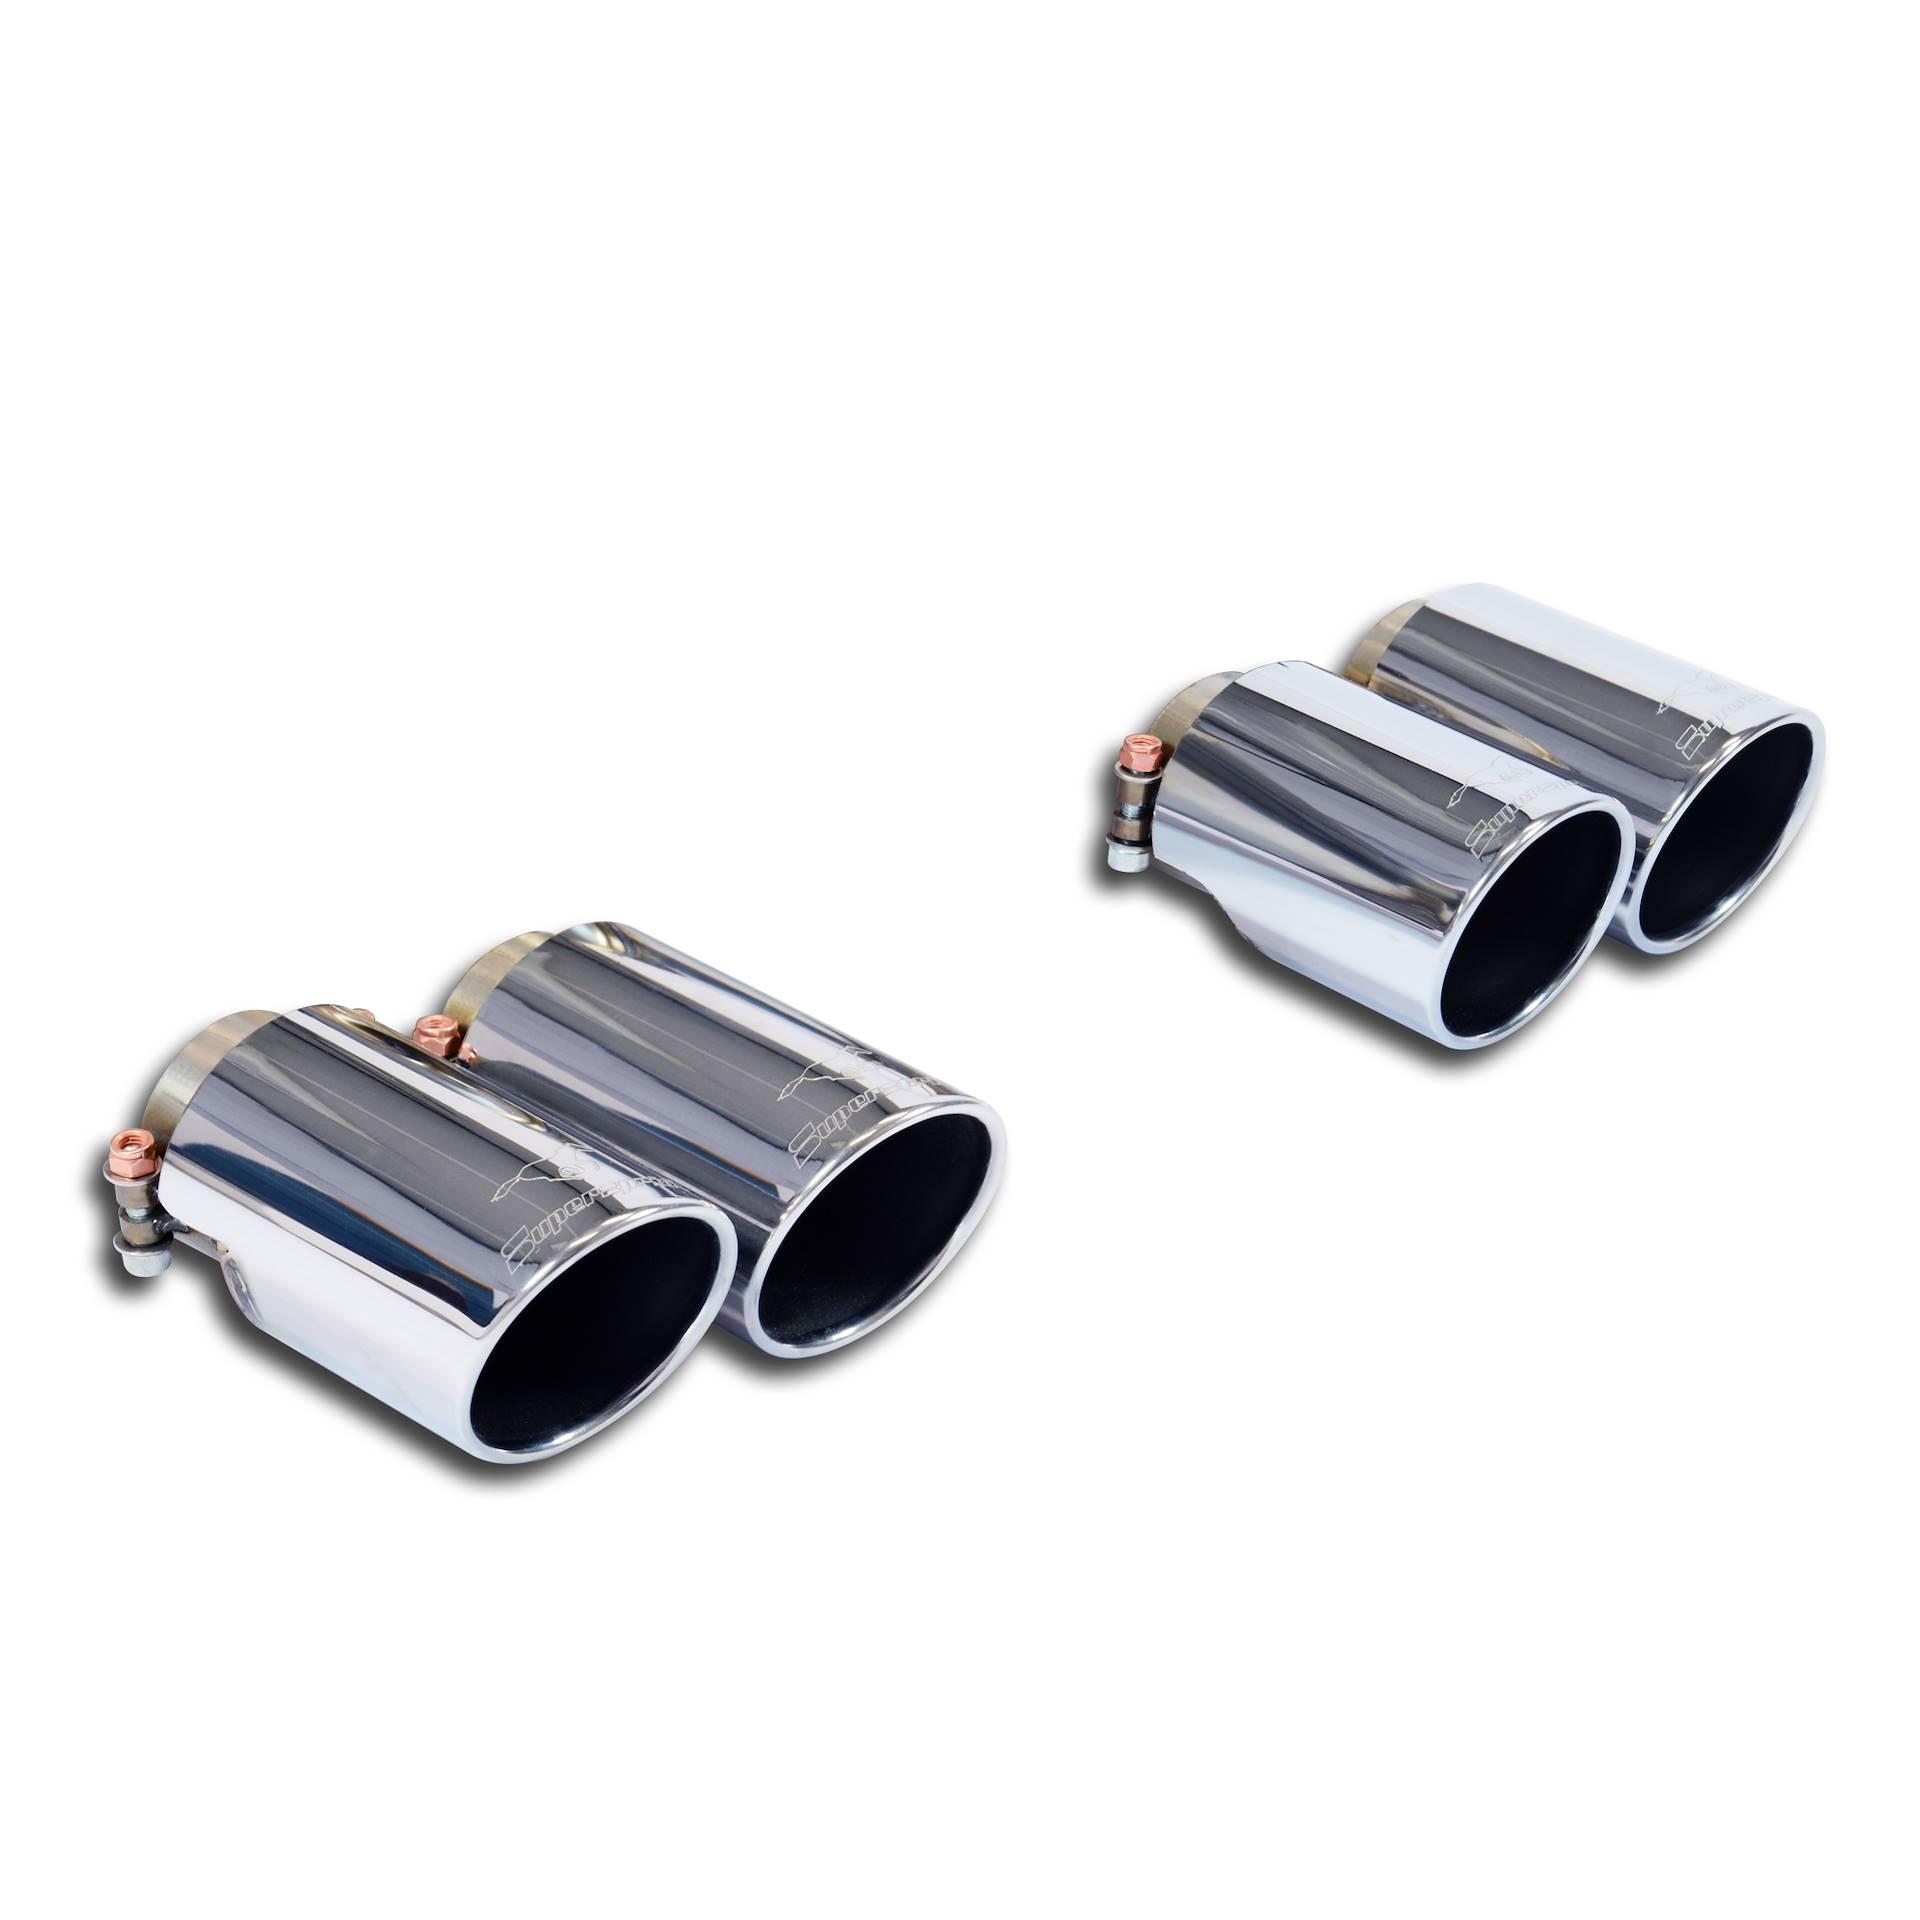 Supersprint udstødning fra Danspeed til Seat Cupra Formentor TFSI